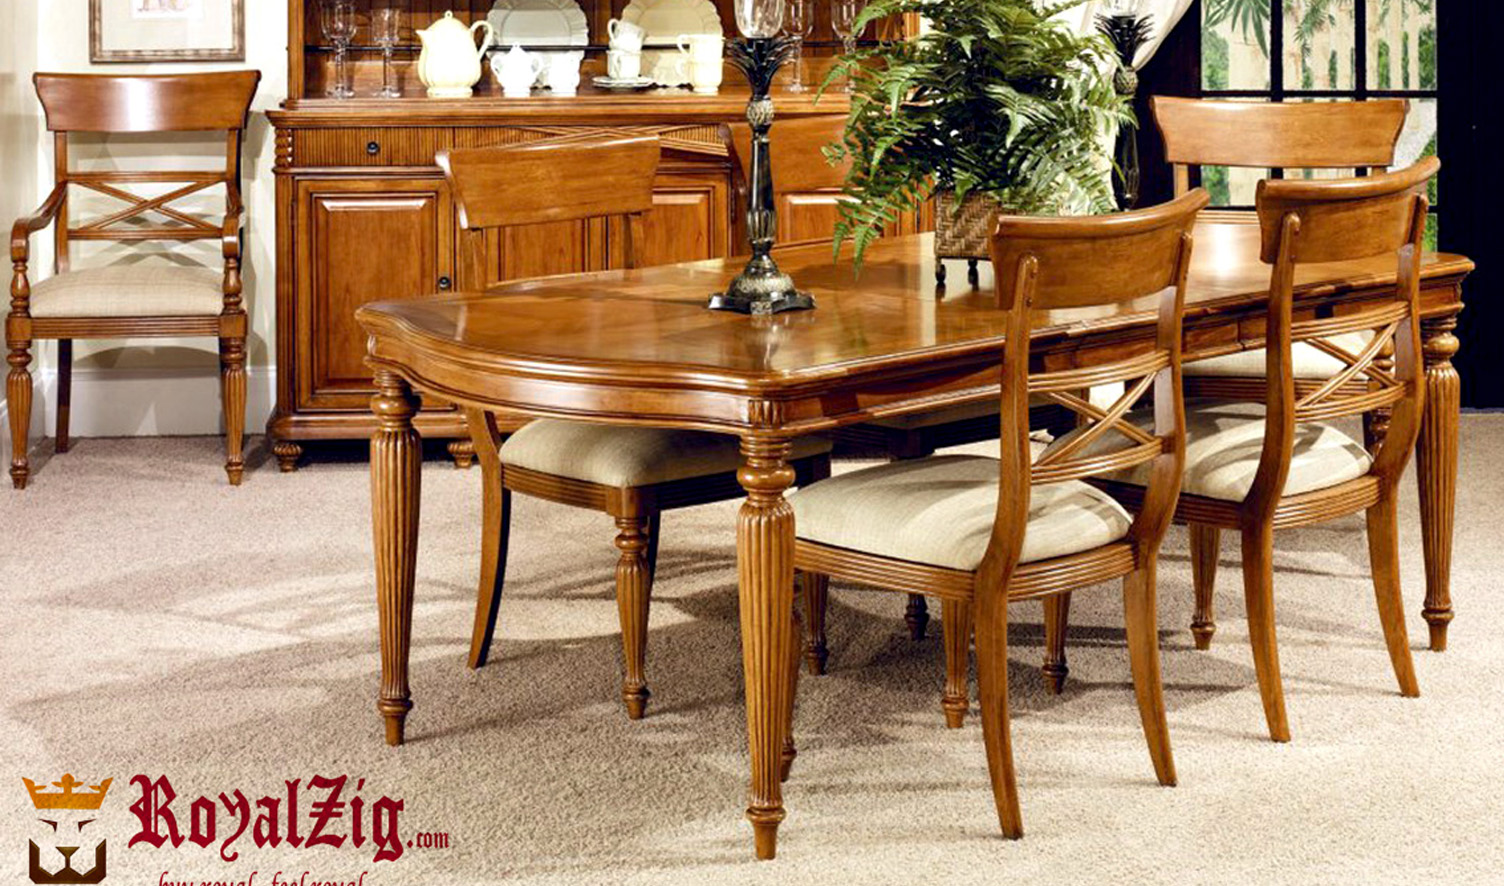 French Dining Table Teak Wood Royalzig